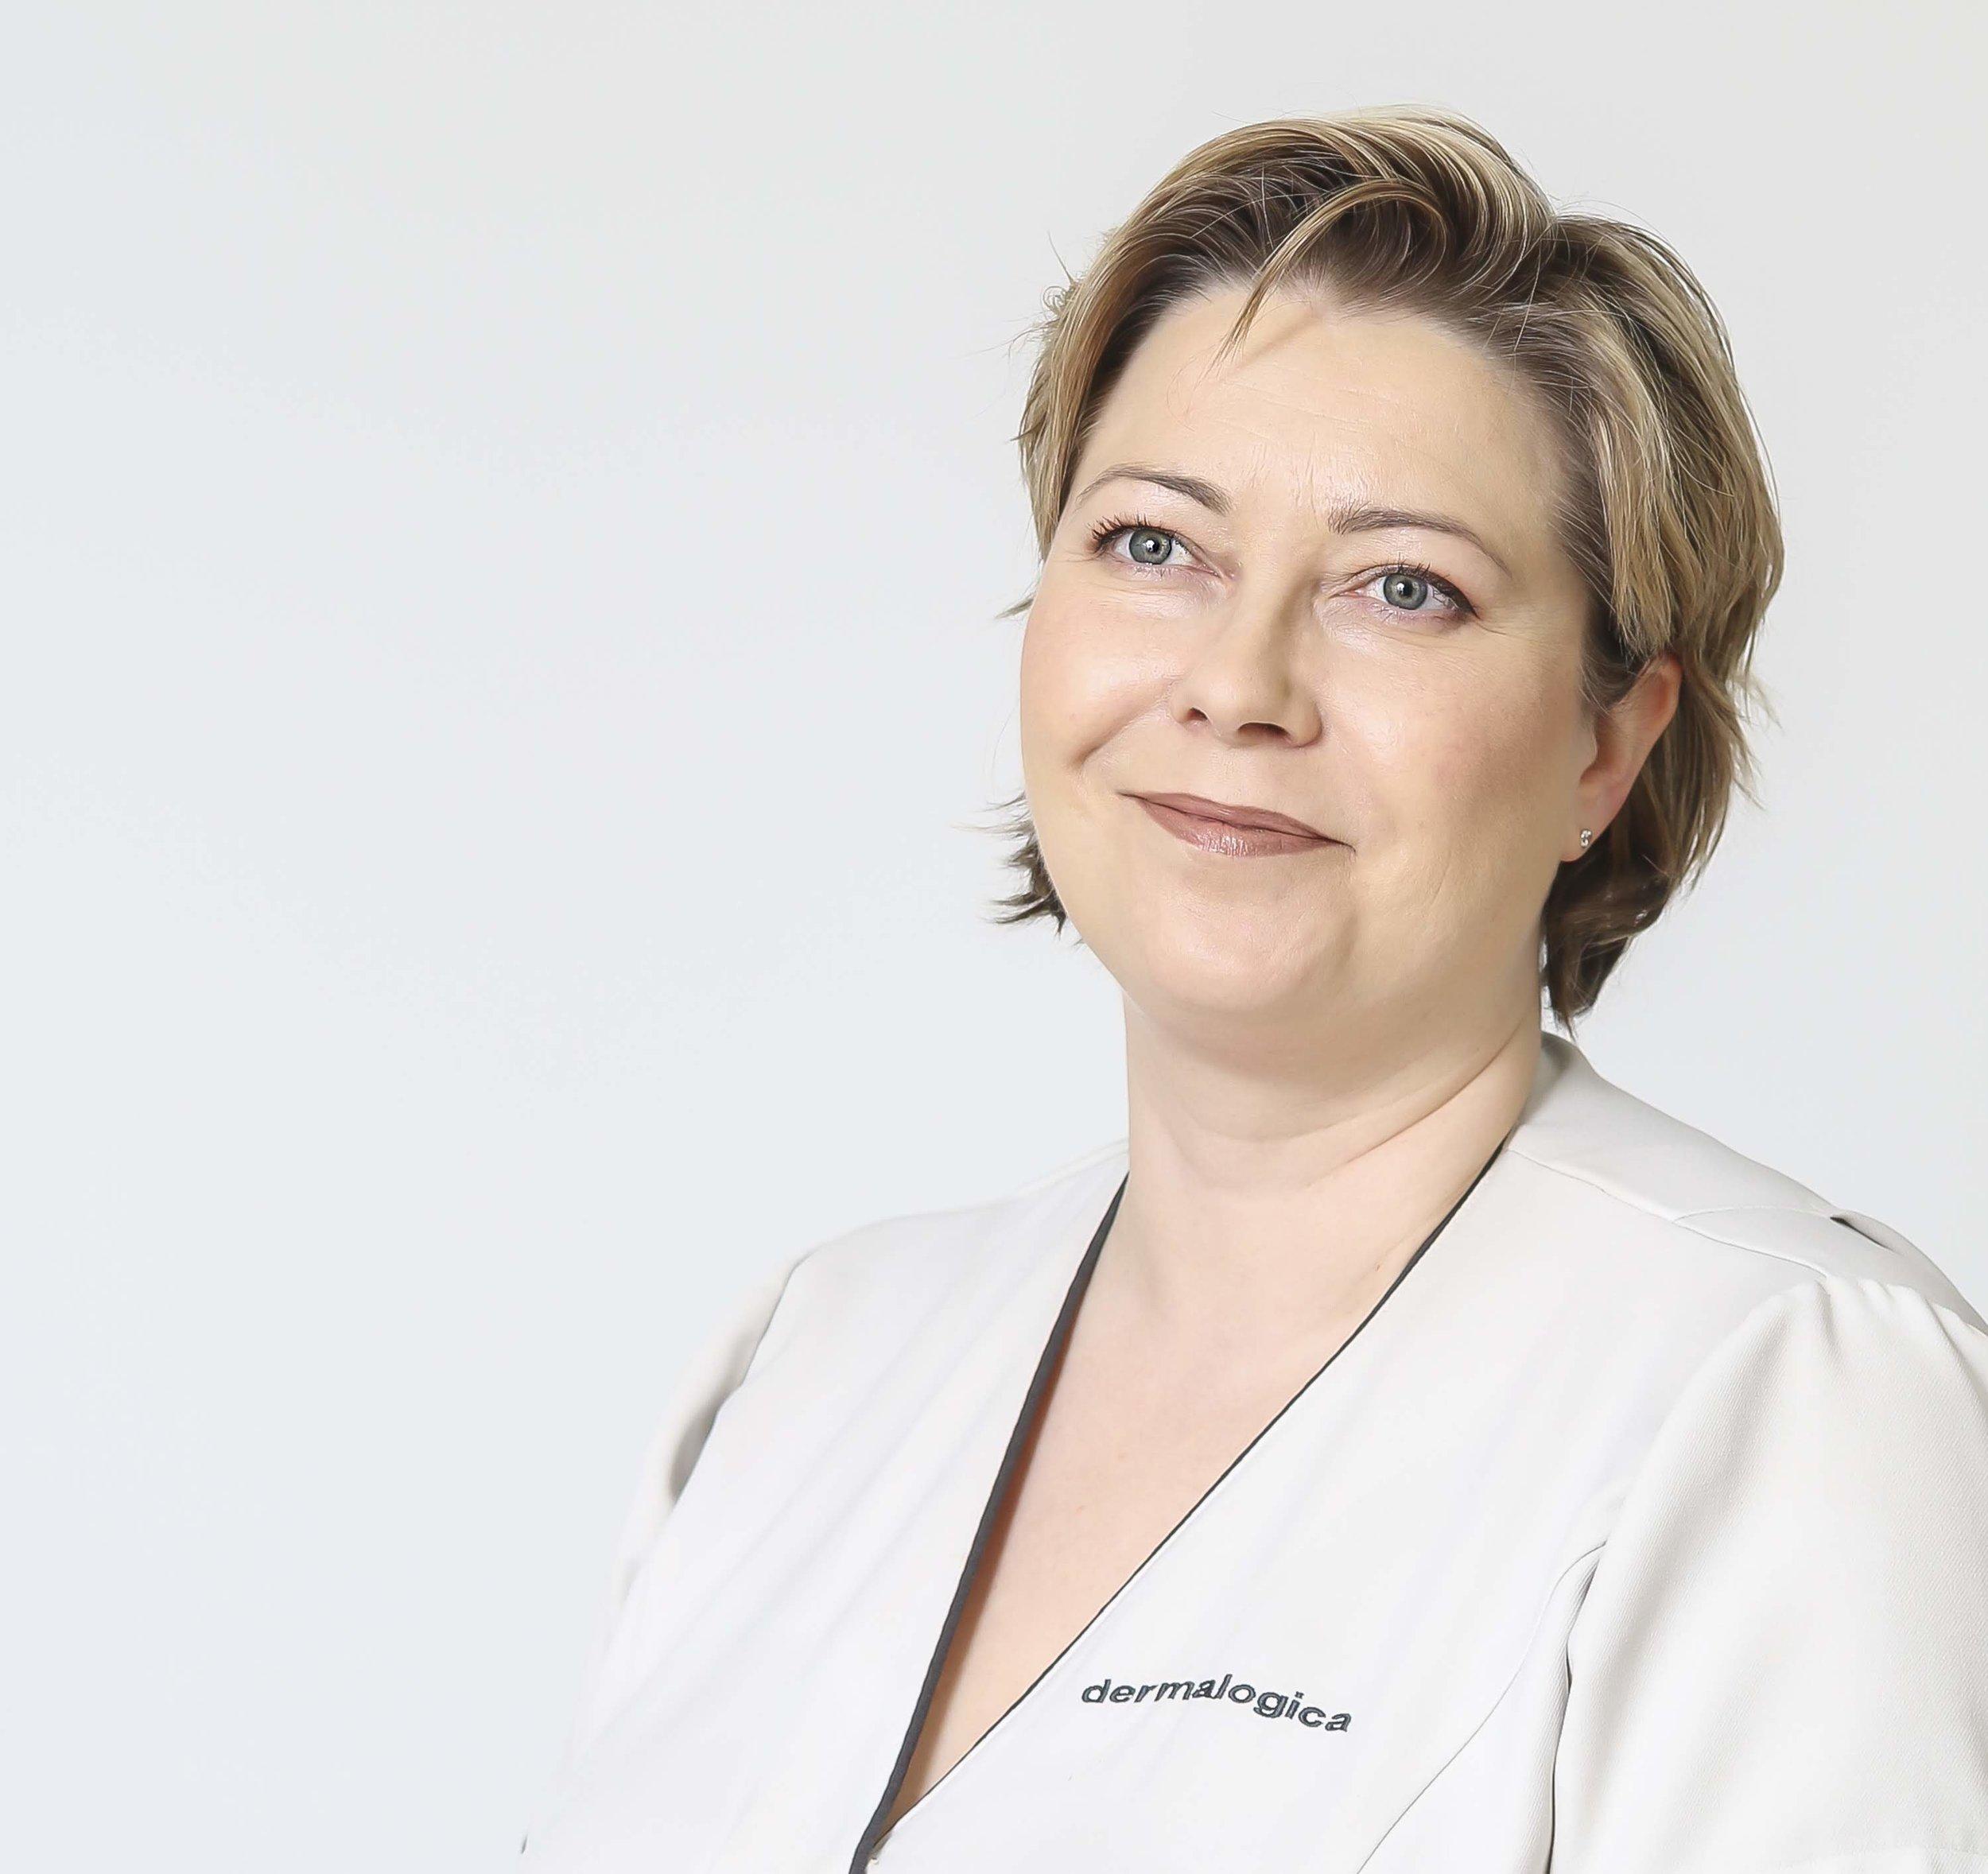 Sanna koivuranta - Sanna on Kauneus- & Komeushoitola Sanna's Style Ky:n omistaja, SKY-Kosmetologi, Dermalogica Expert ihoterapeutti.Aikaisemmin urallaan Sanna on toiminut myös kosmetologi opettajana ja ollut alalla jo vuodesta 1999 alkaen.